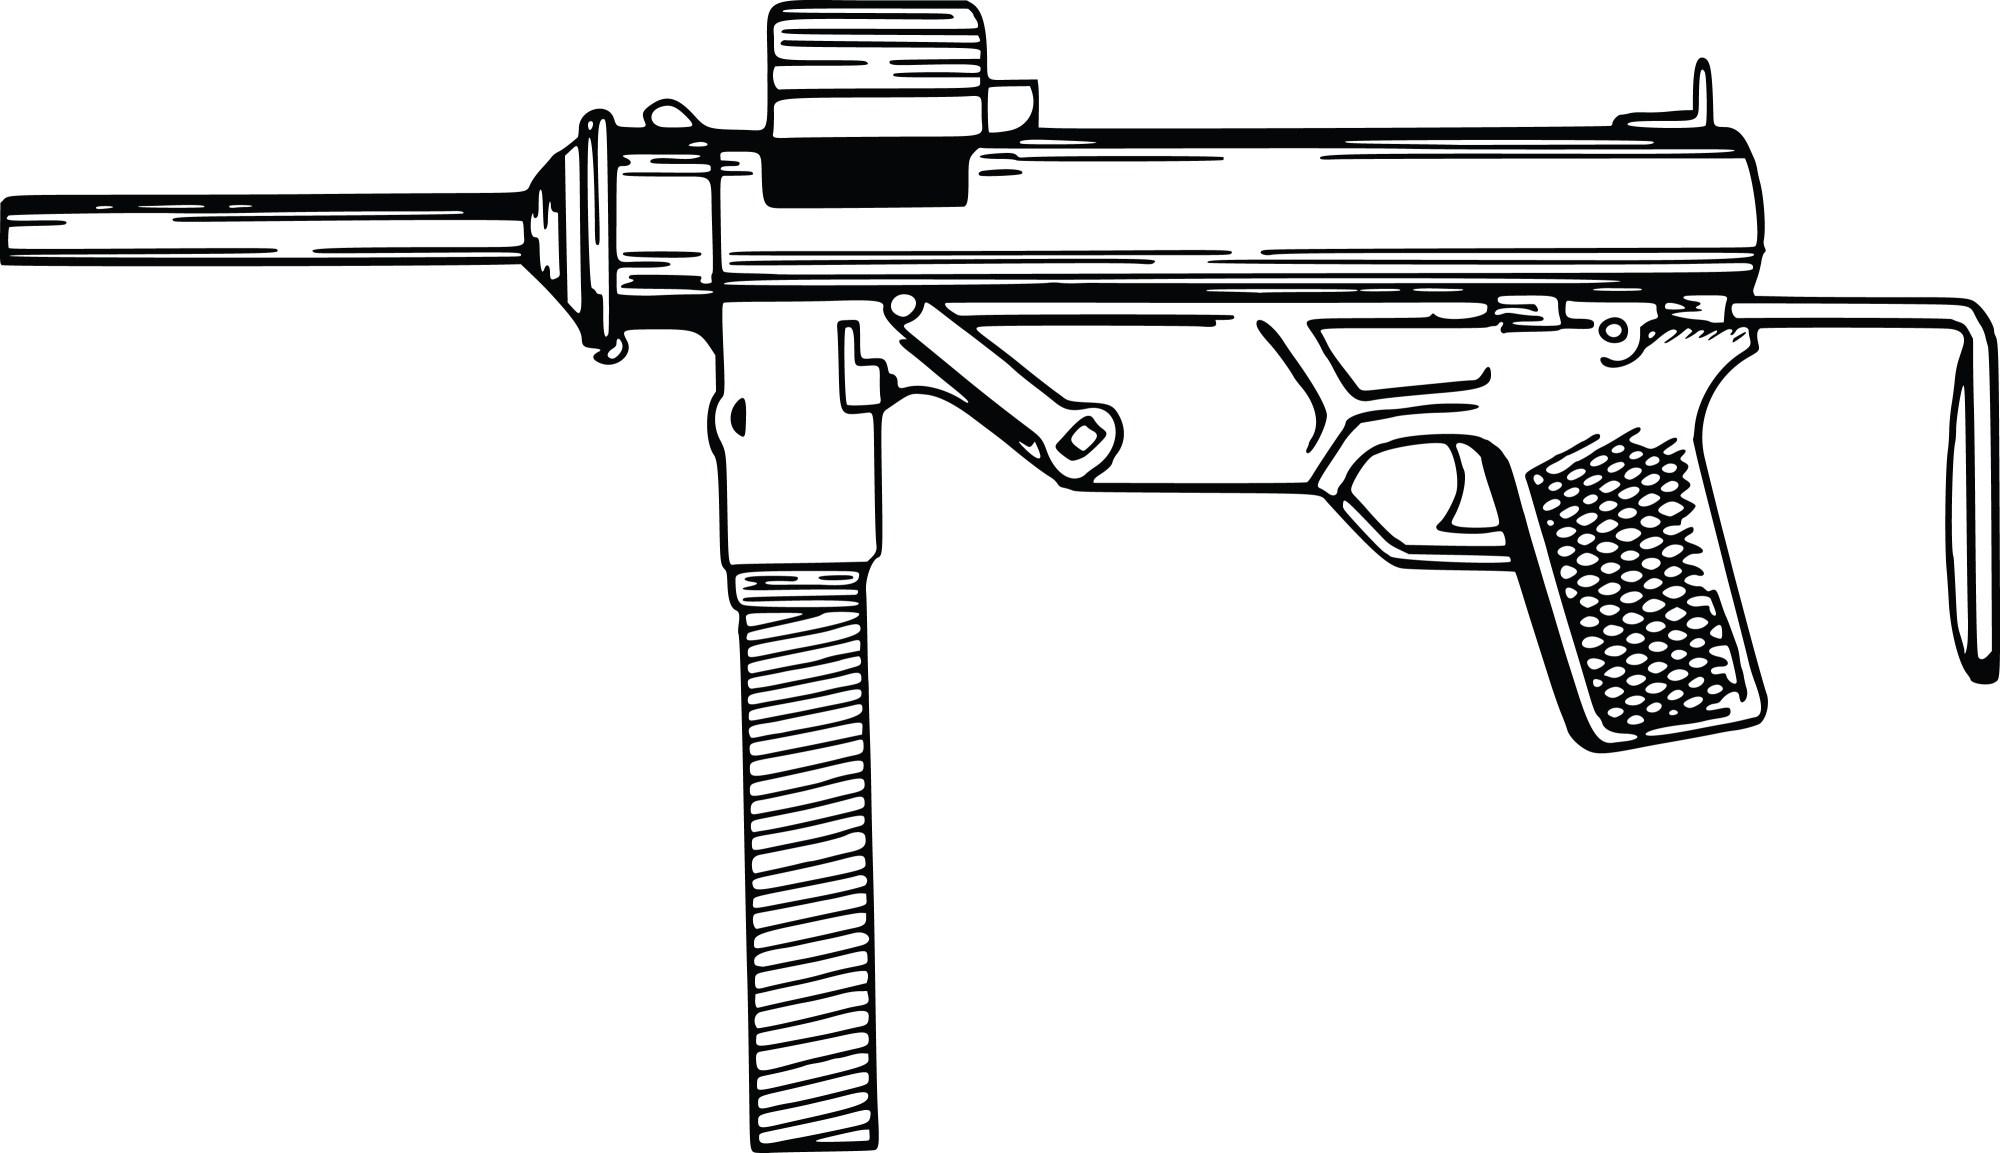 hight resolution of clipart gun